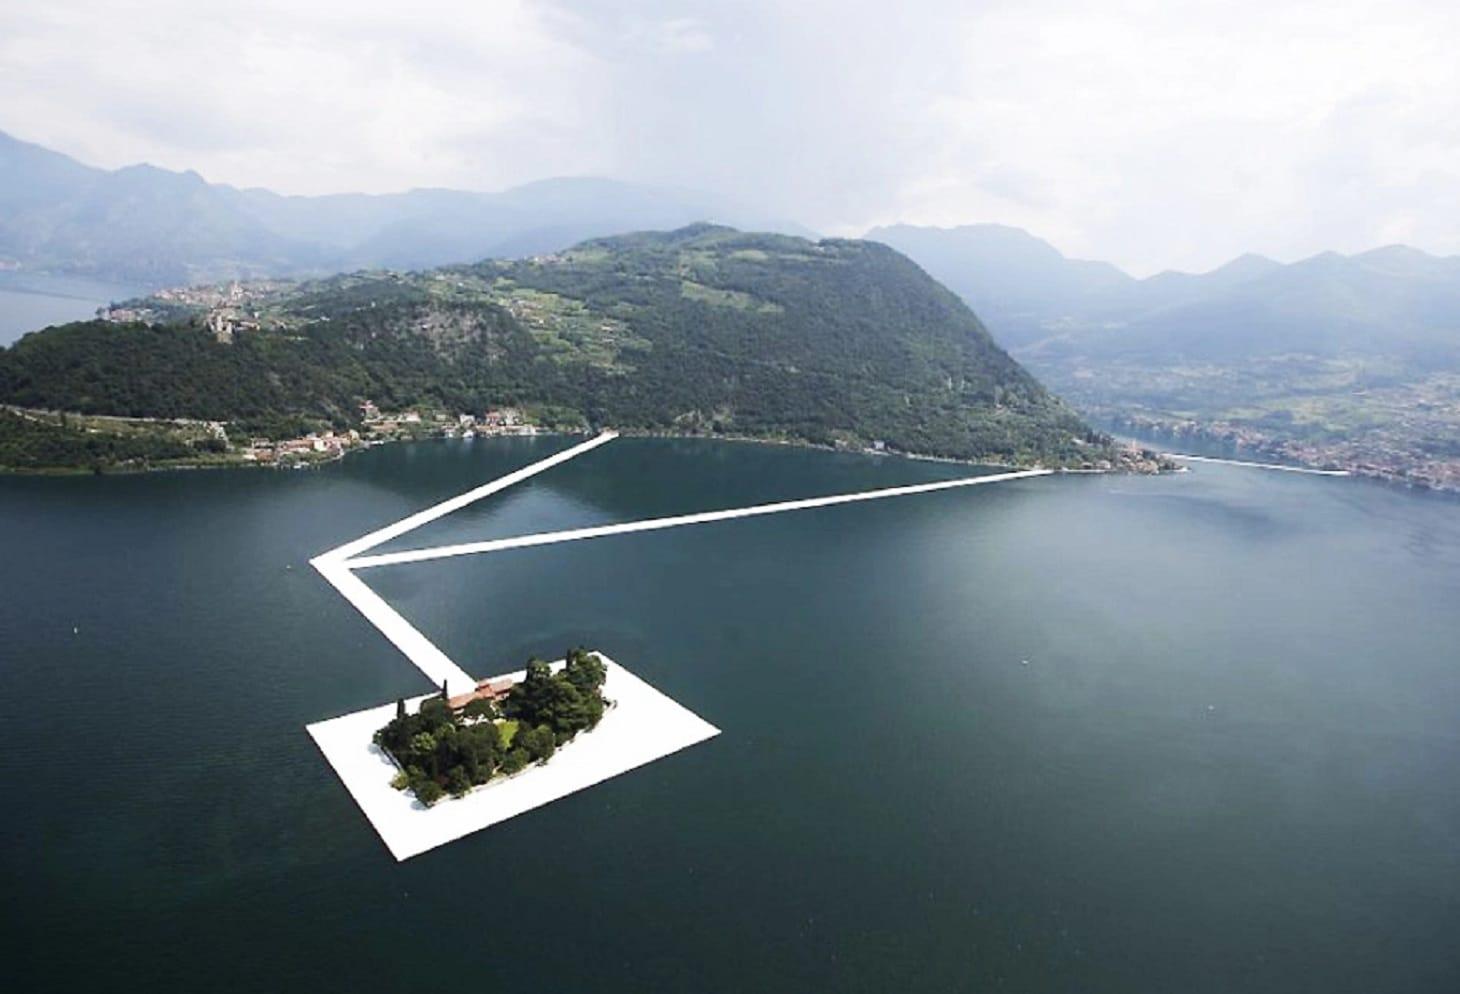 Lago d iseo si inaugura l opera d arte galleggiante di for Un mezzo galleggiante